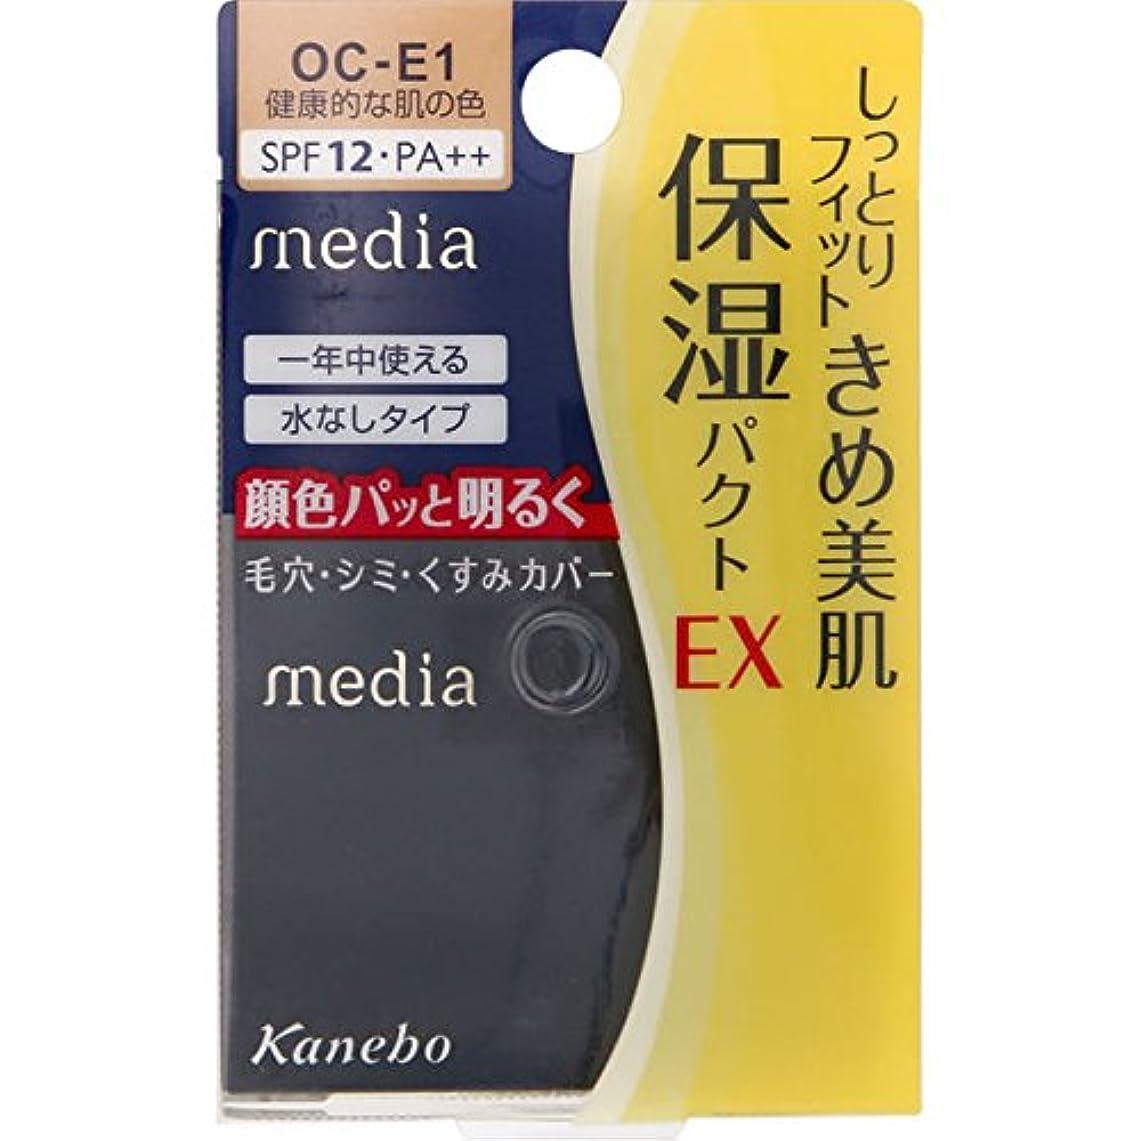 バドミントンフィード効率カネボウ メディア モイストフィットパクトEX OC-E1(11g)